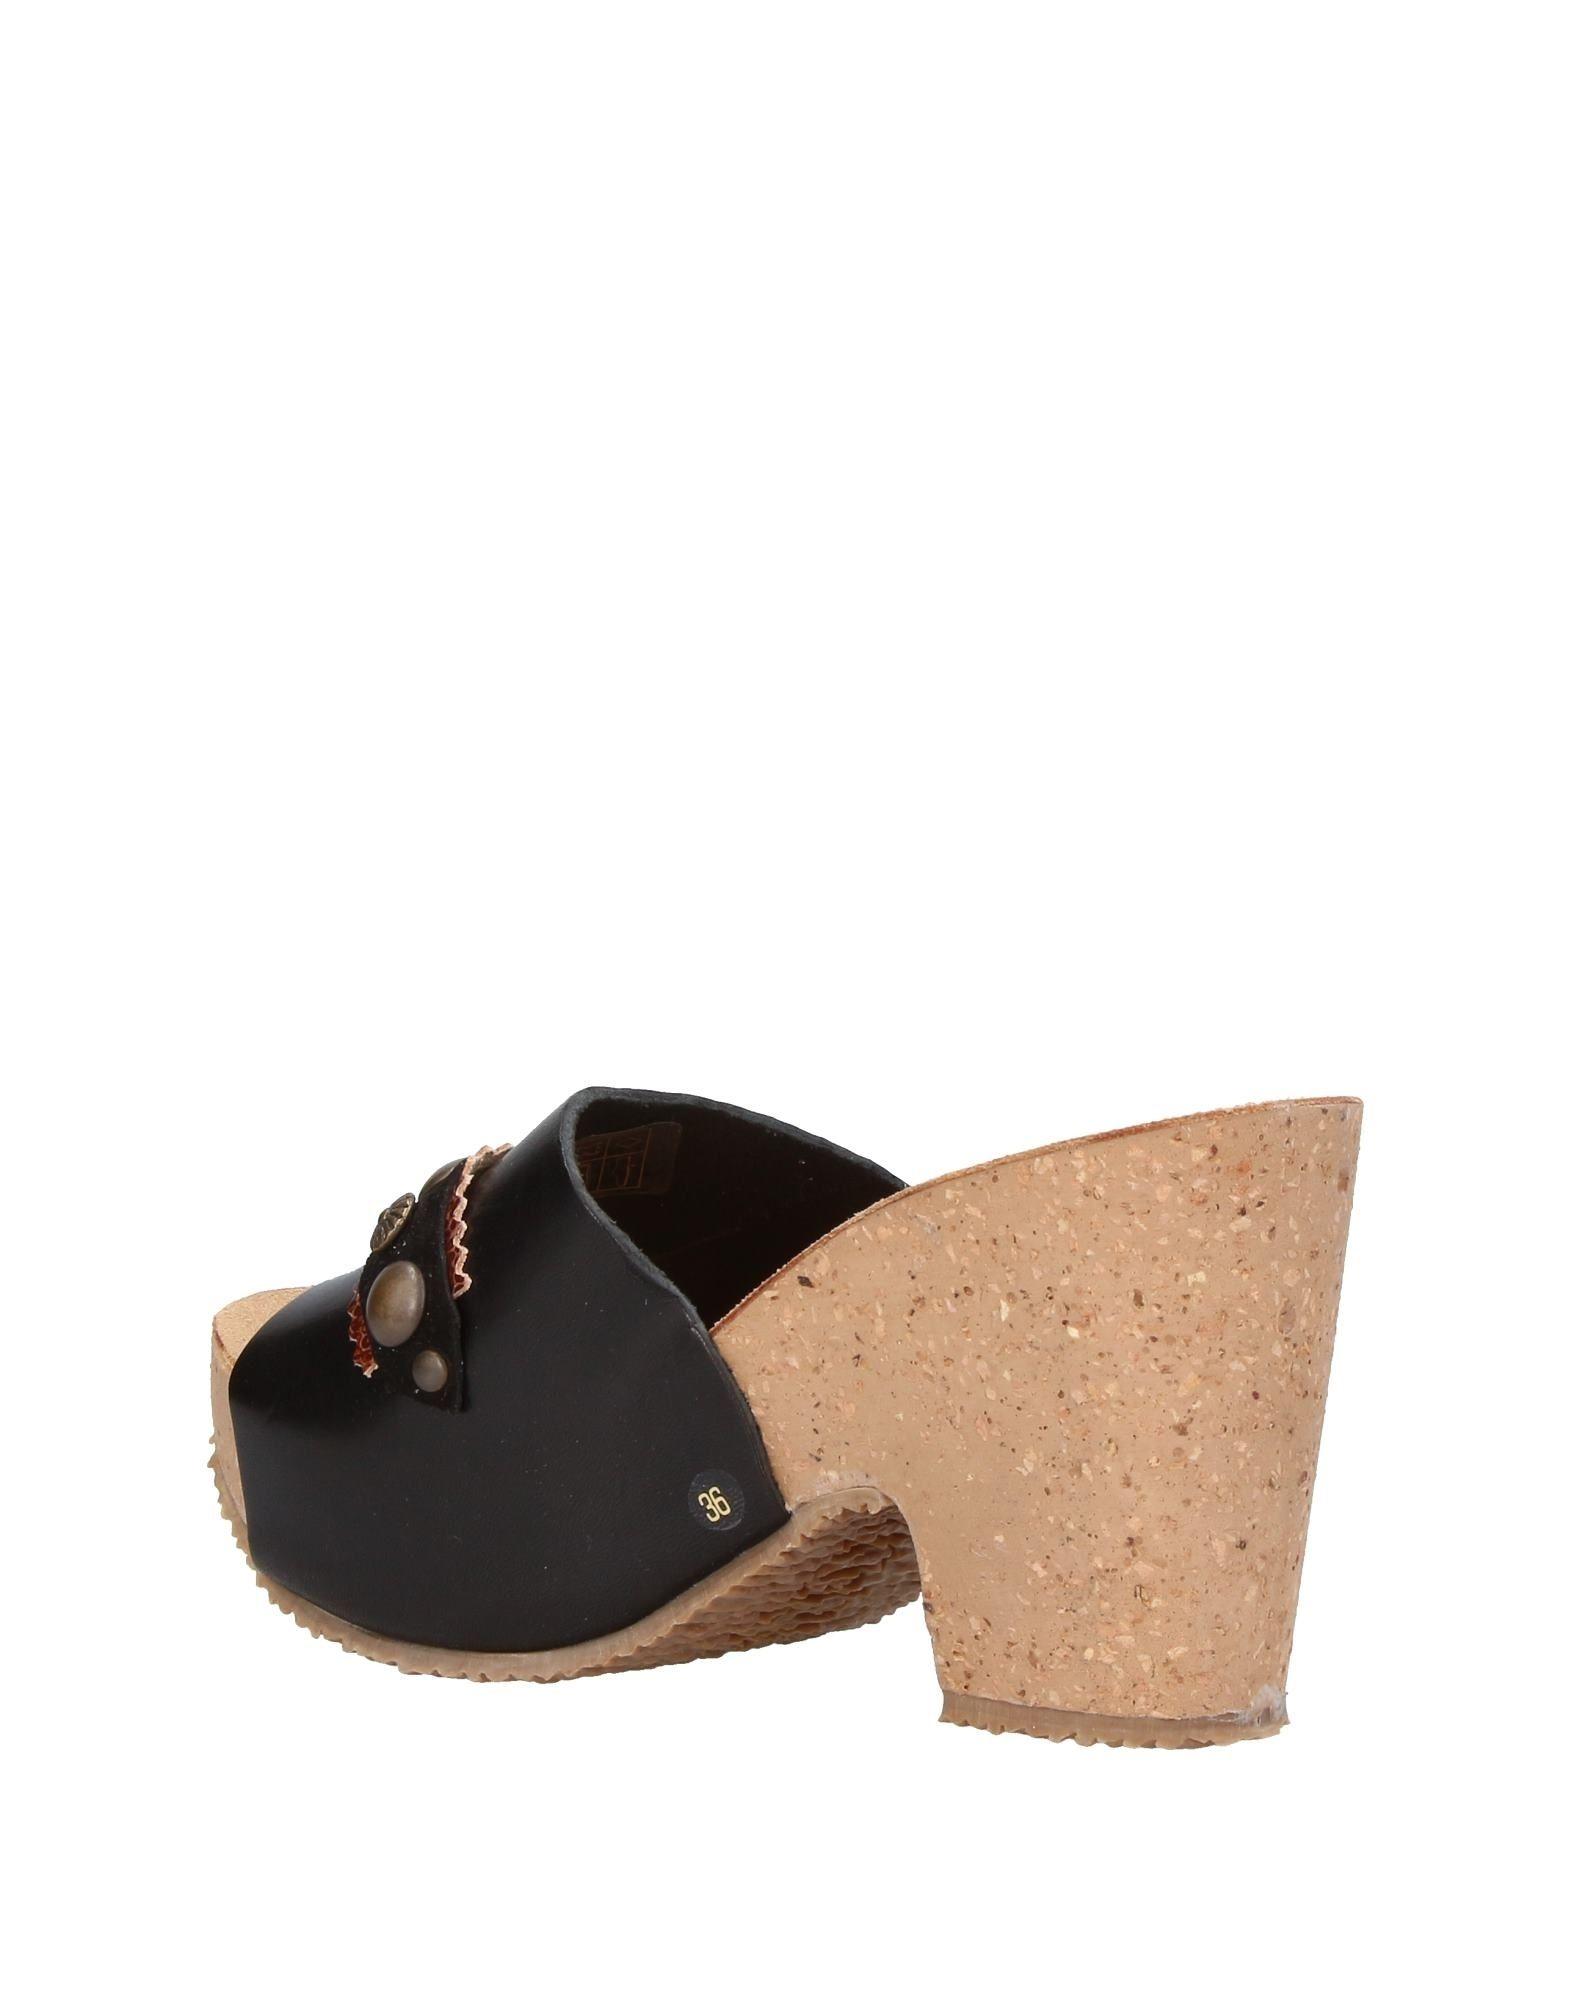 Sandales Ldir Femme - Sandales Ldir sur